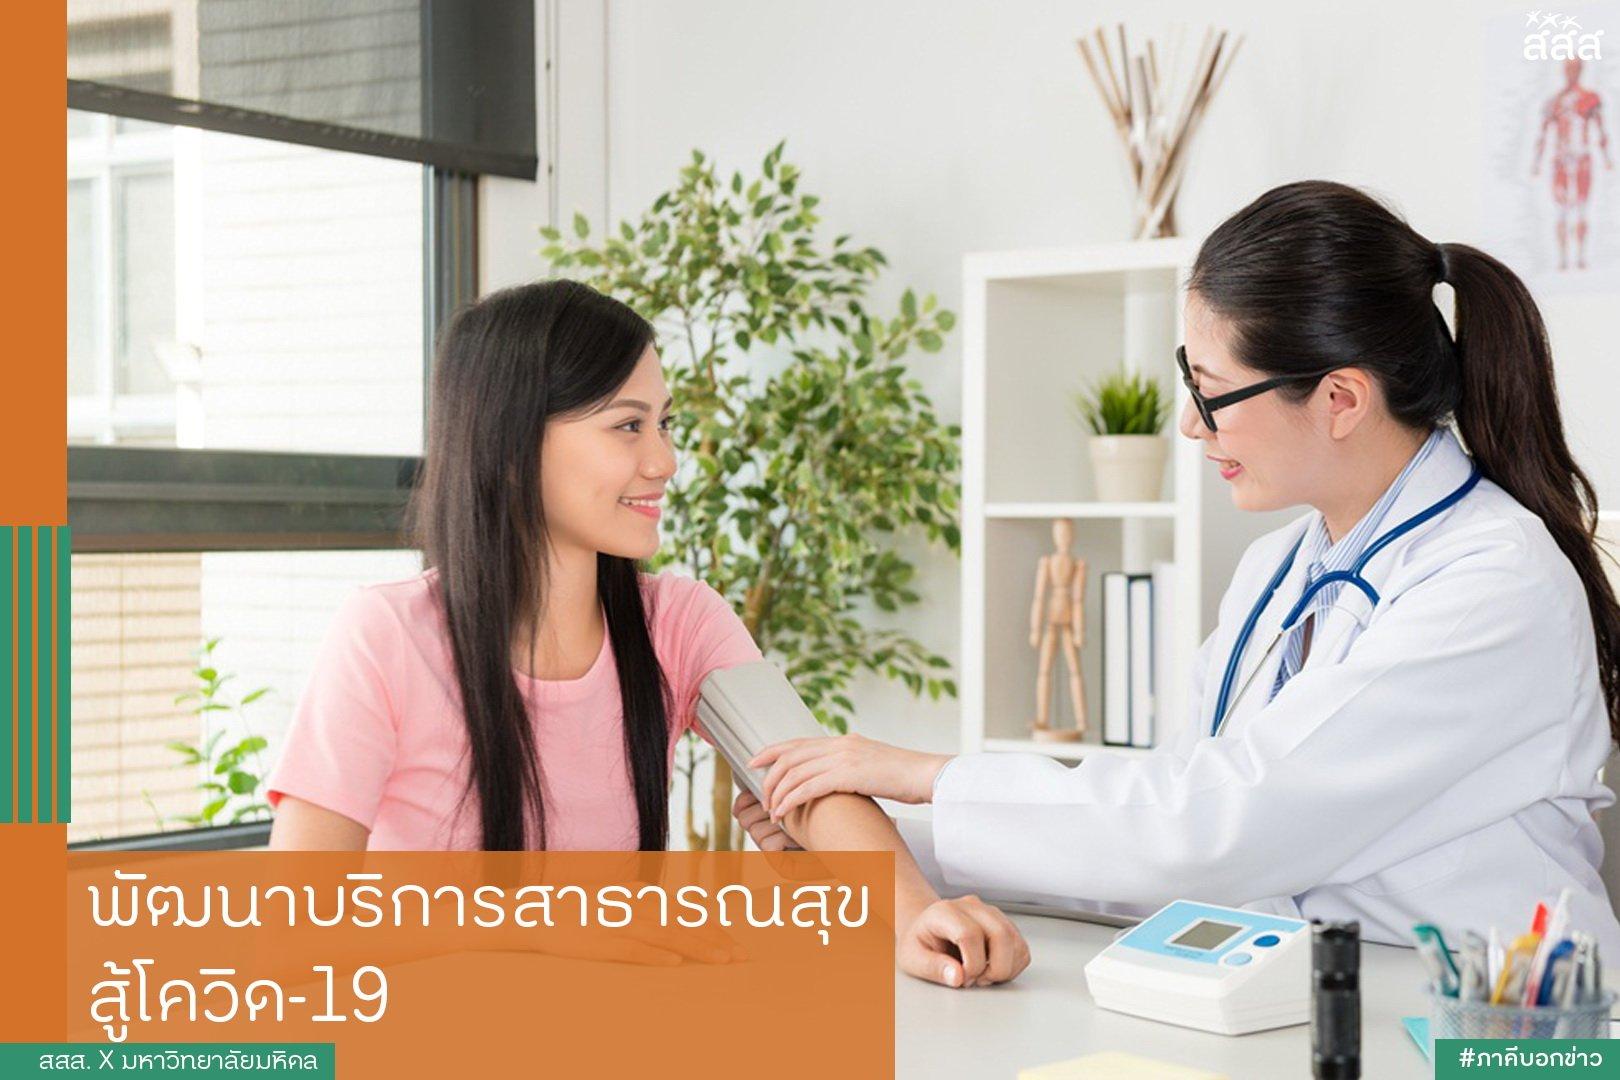 พัฒนาบริการสาธารณสุข สู้โควิด-19 thaihealth